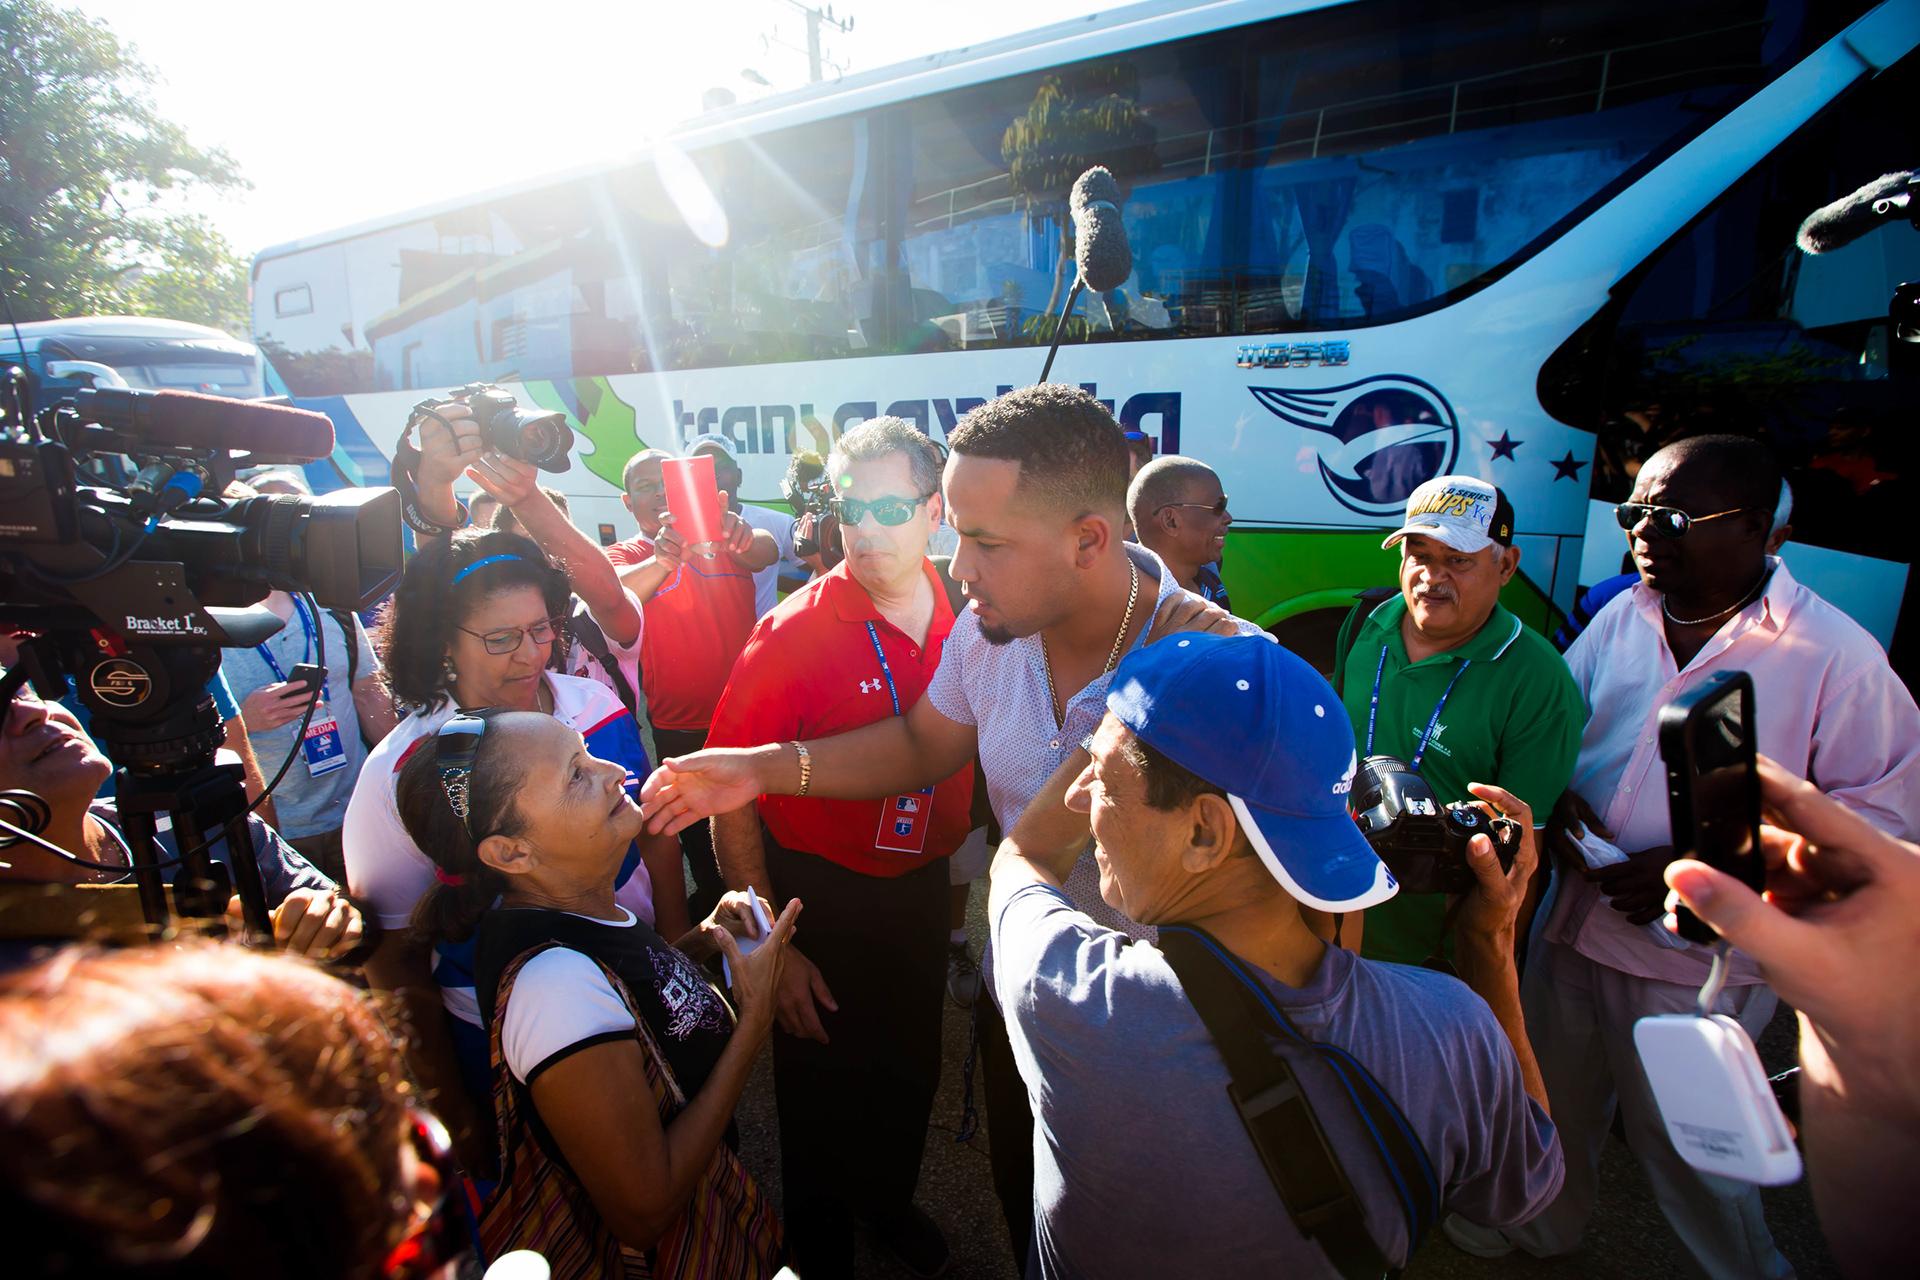 Jose Abreu greets fans.